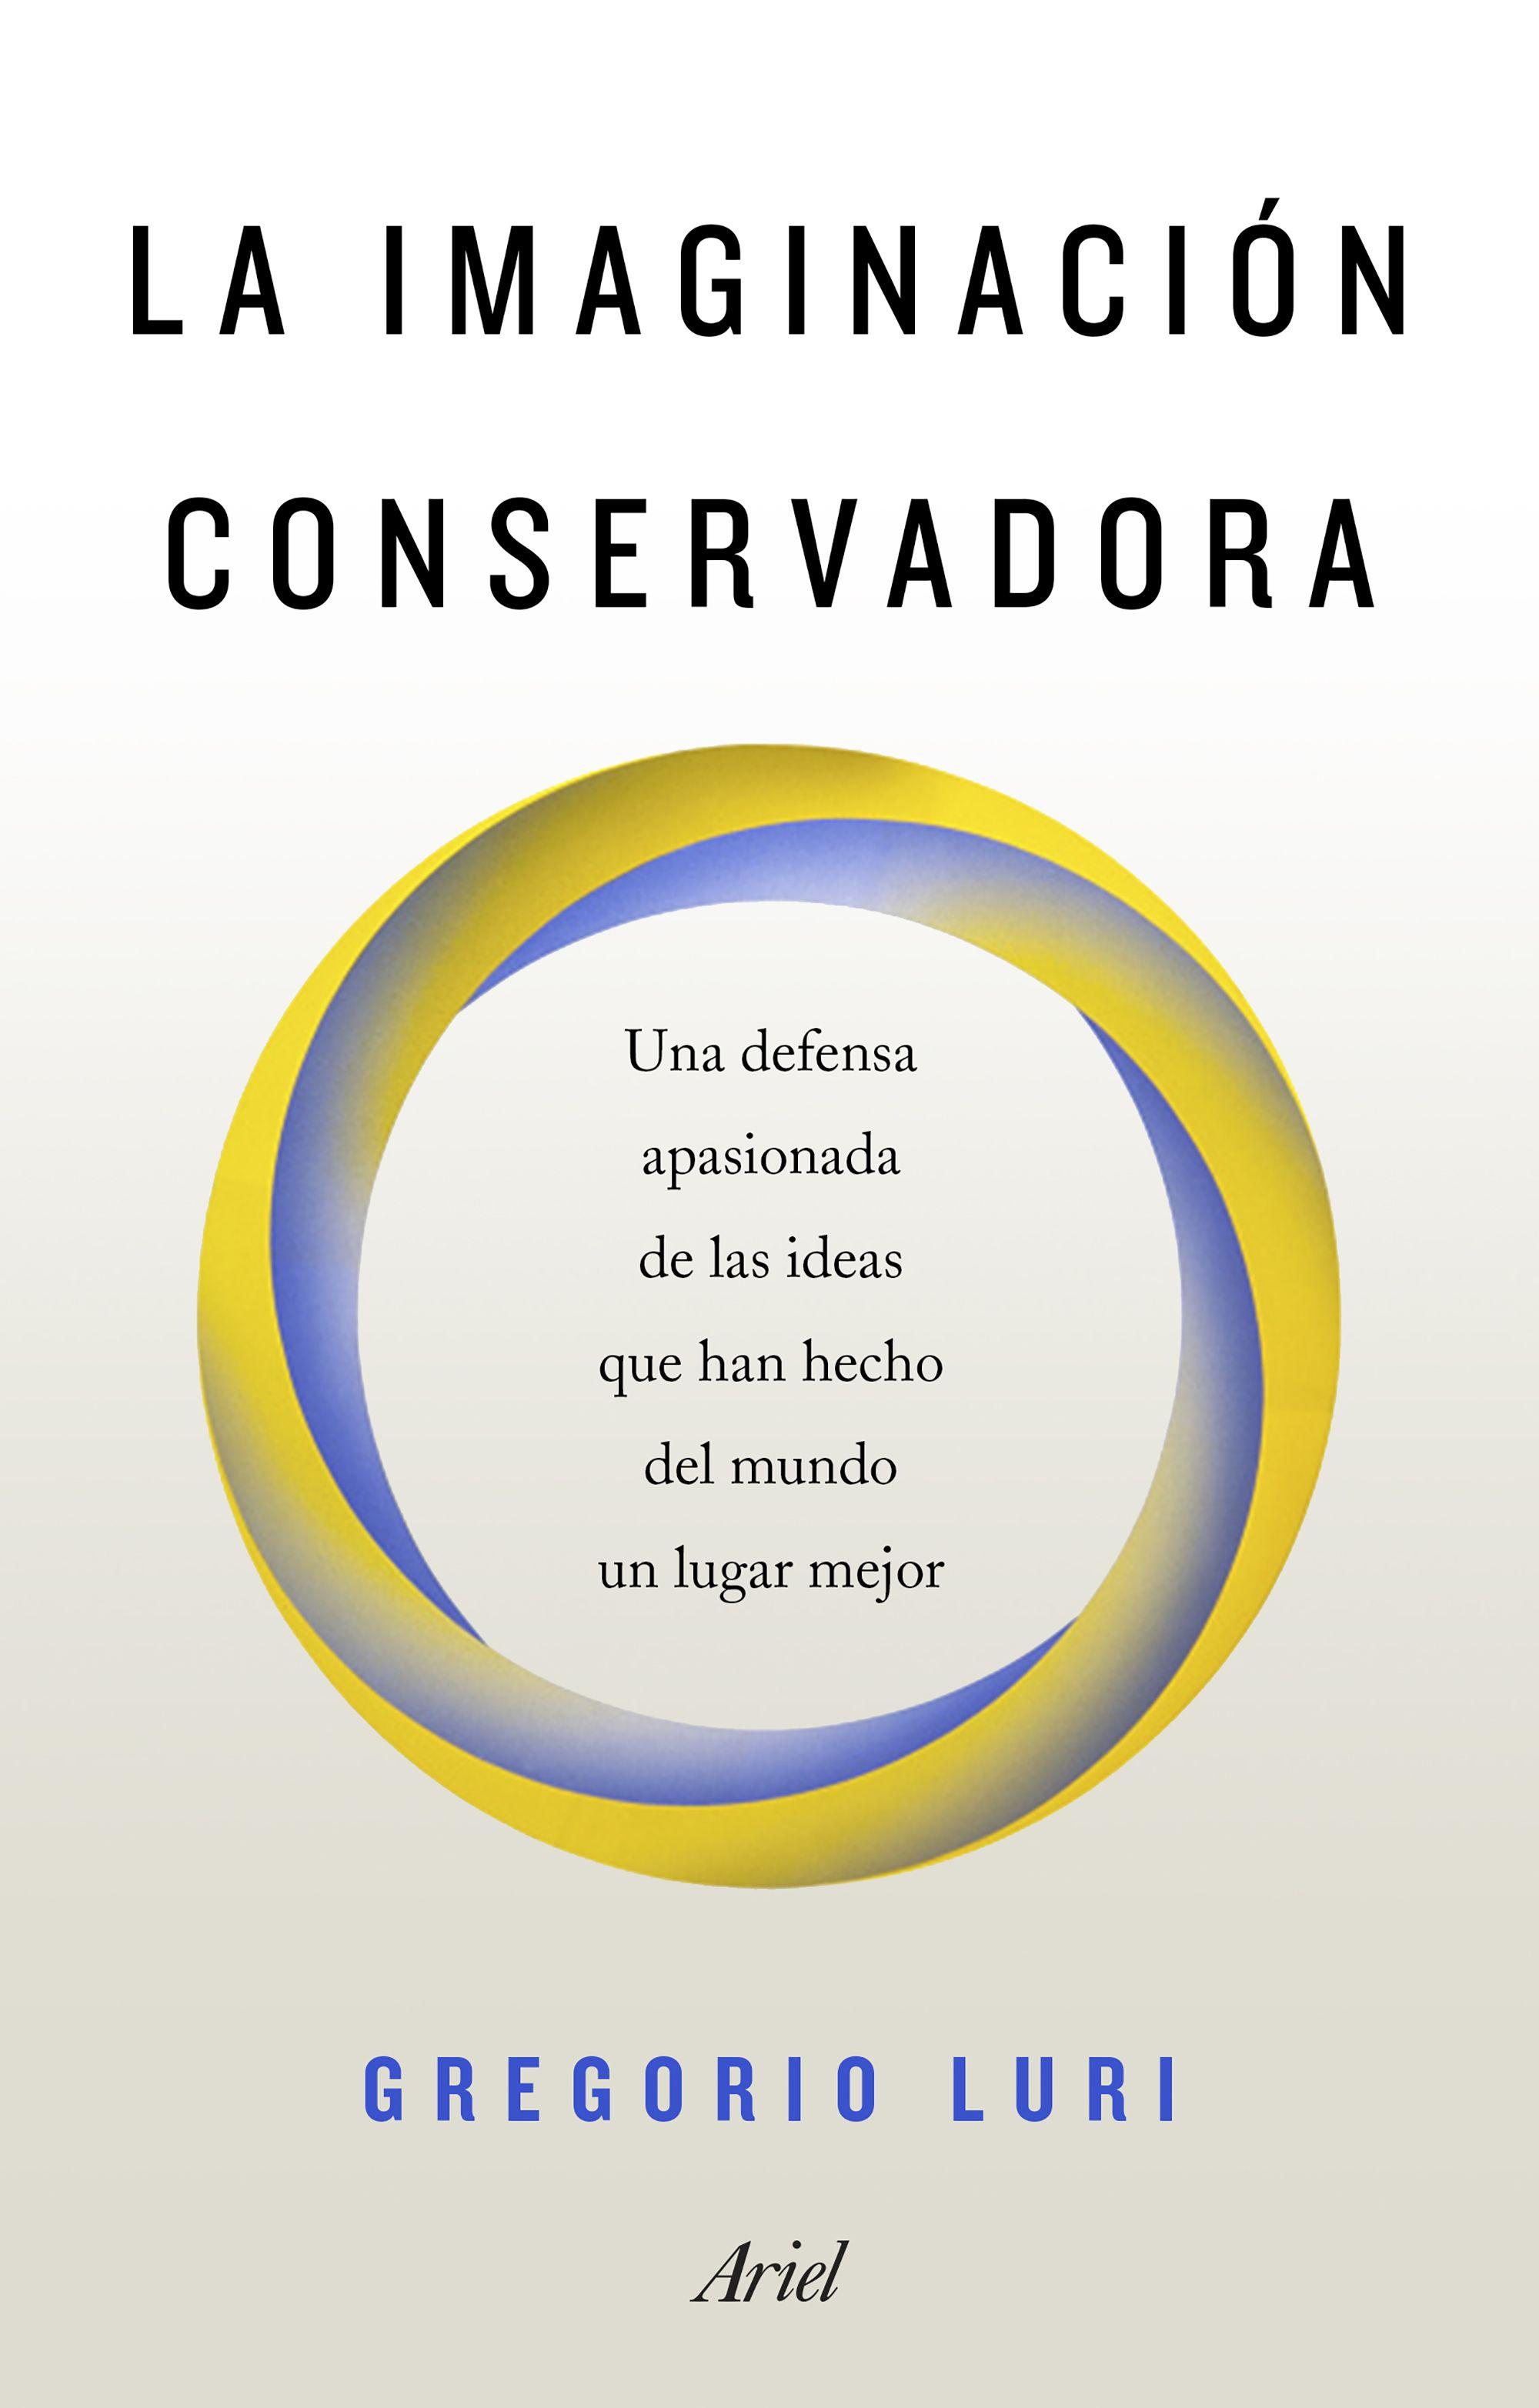 La Imaginacion Conservadora por Gregorio Luri